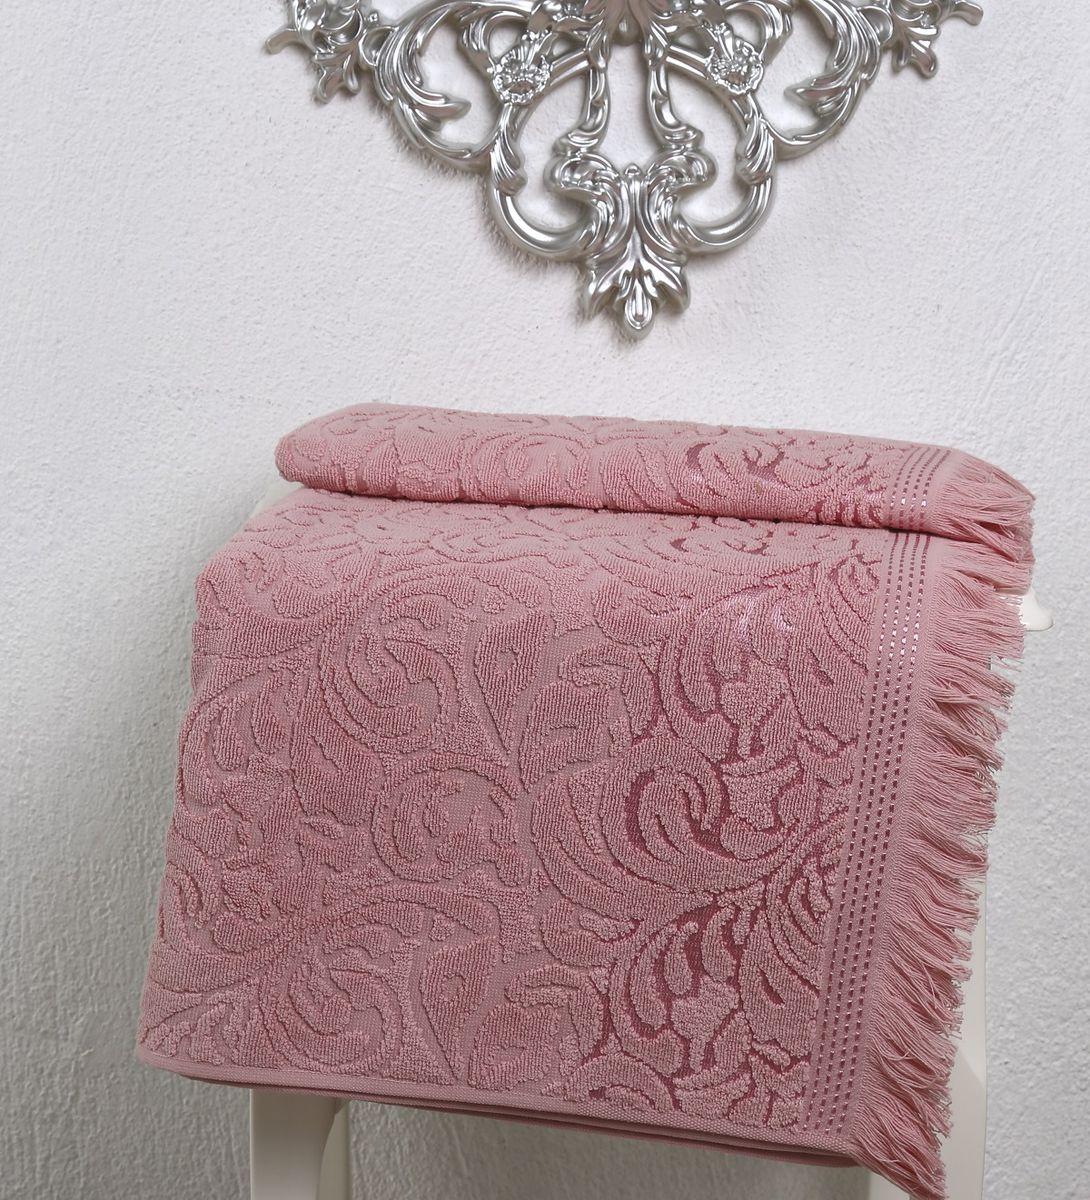 Полотенце Karna Esra, цвет: розовый, 70 х 140 см2195/CHAR006